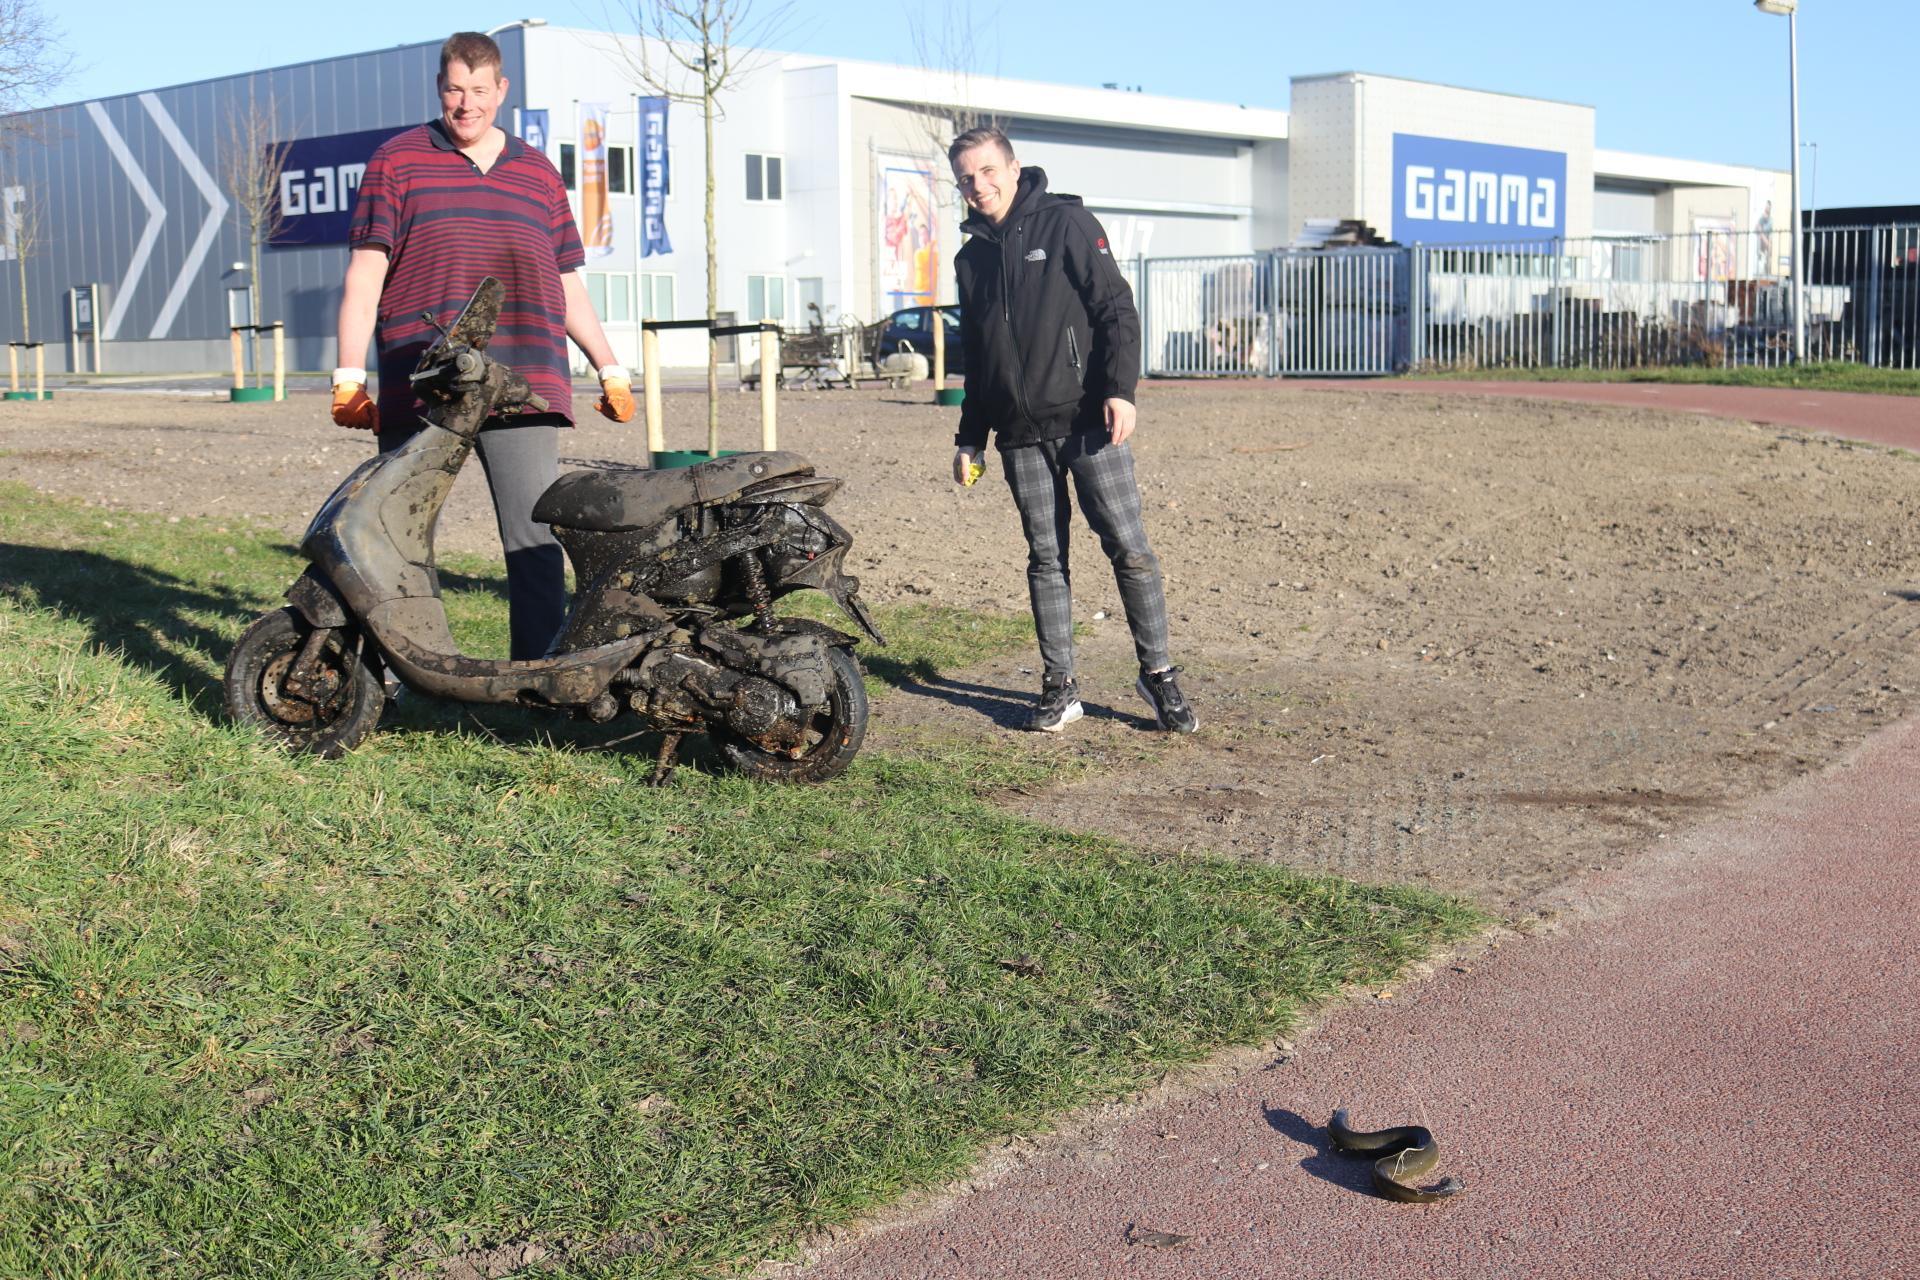 Magneetvisser Tim Bins uit Katwijk doet opnieuw opmerkelijke vondst: een mogelijk gestolen scooter